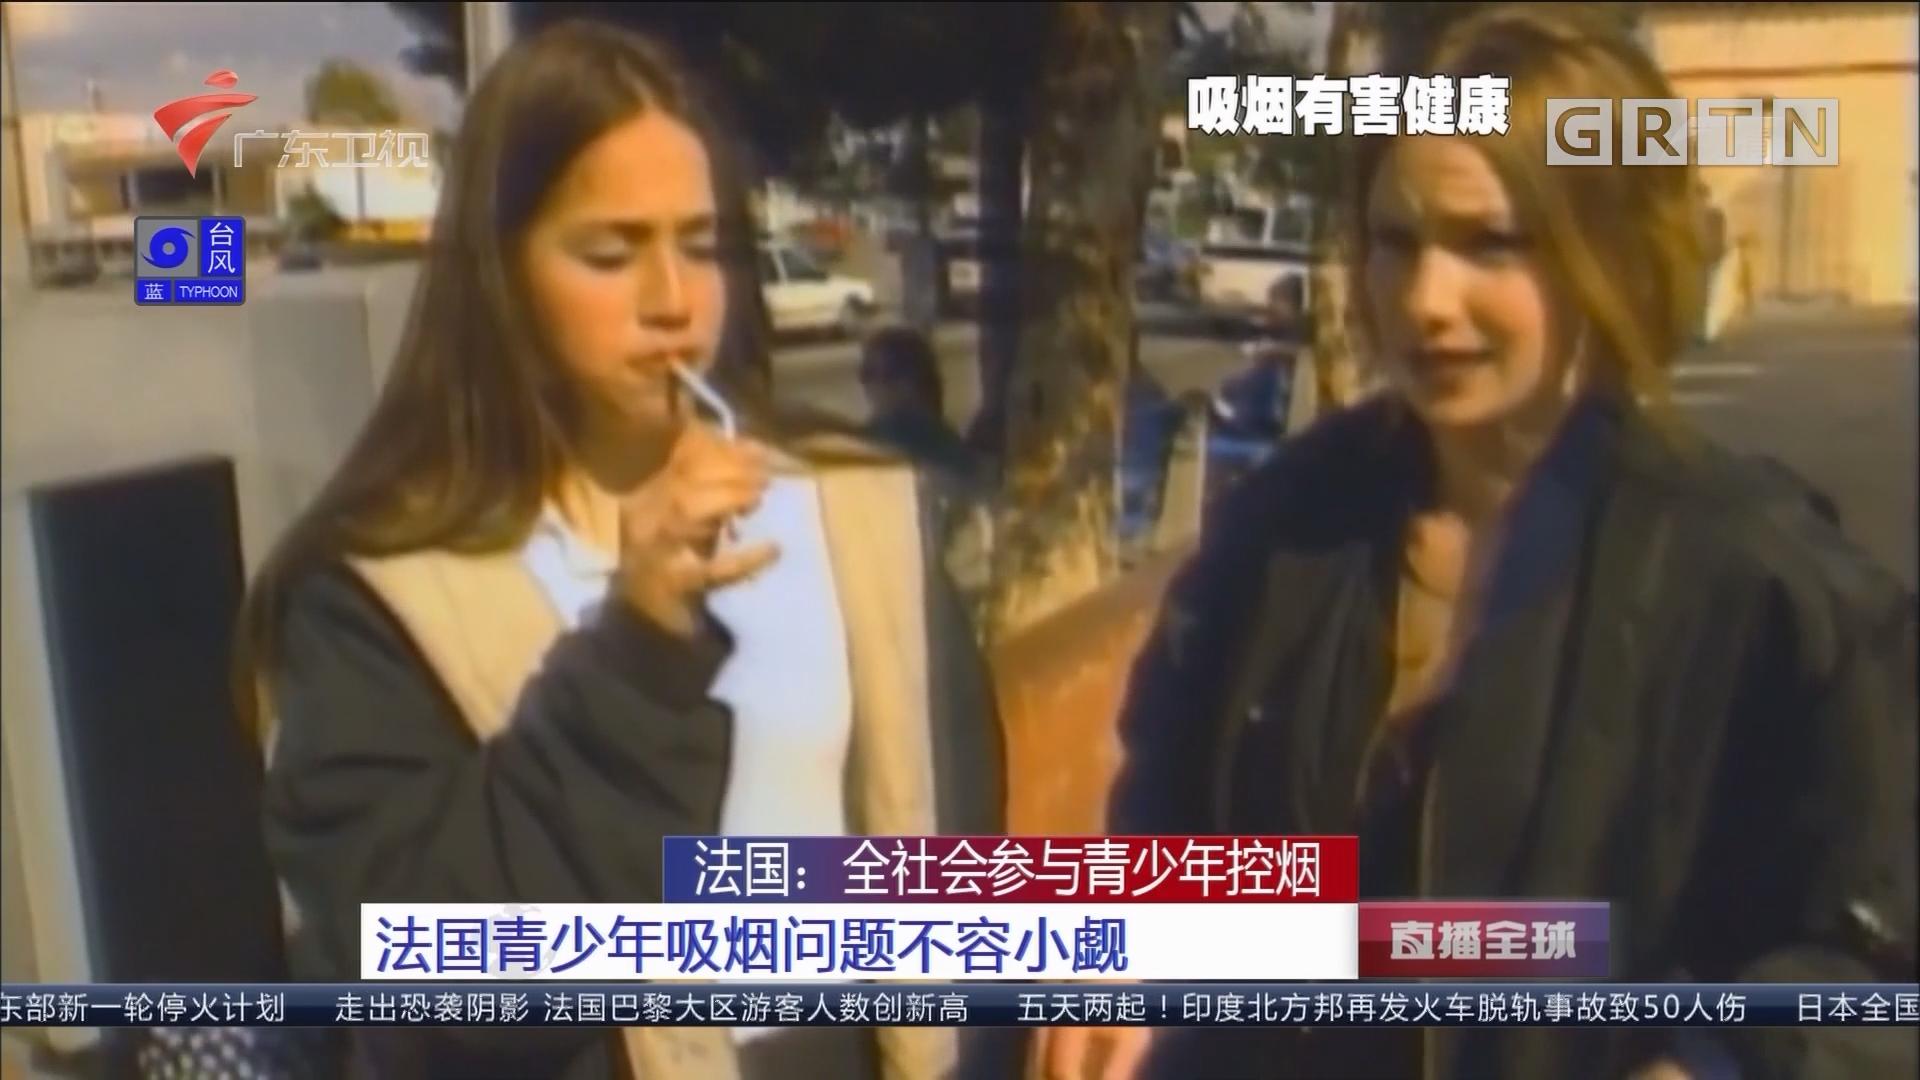 法国:全社会参与青少年控烟 法国青少年吸烟问题不容小觑